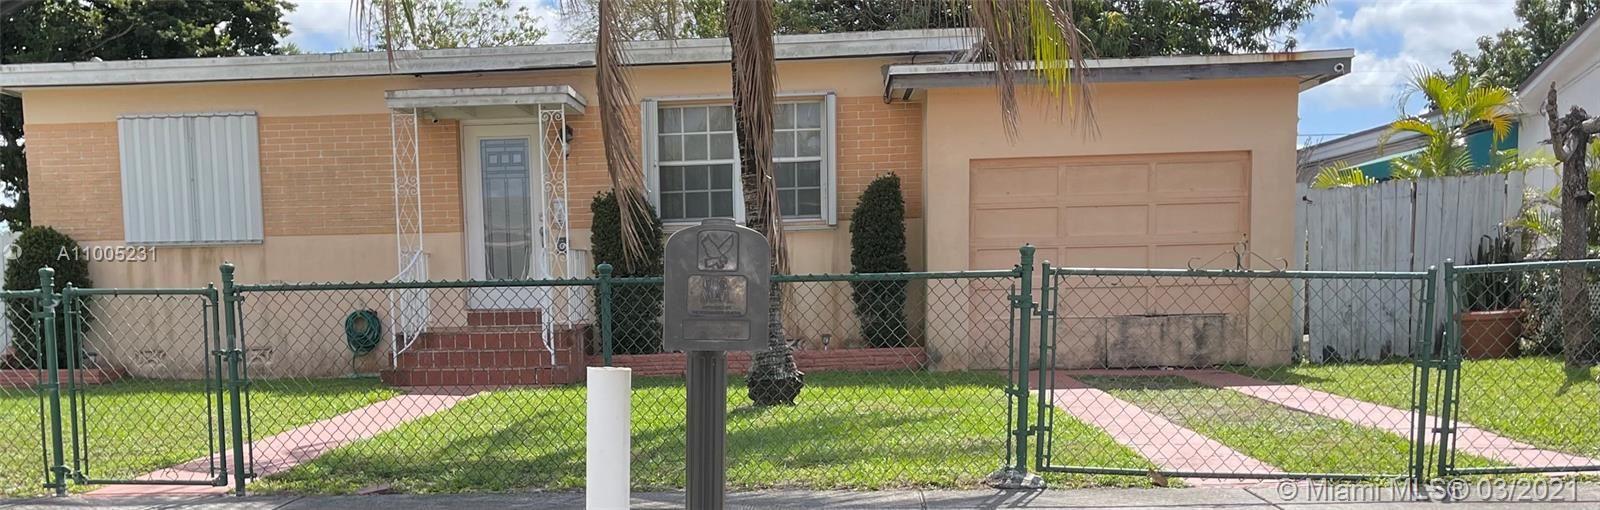 842 E 23rd St, Hialeah, FL 33013 - #: A11005231